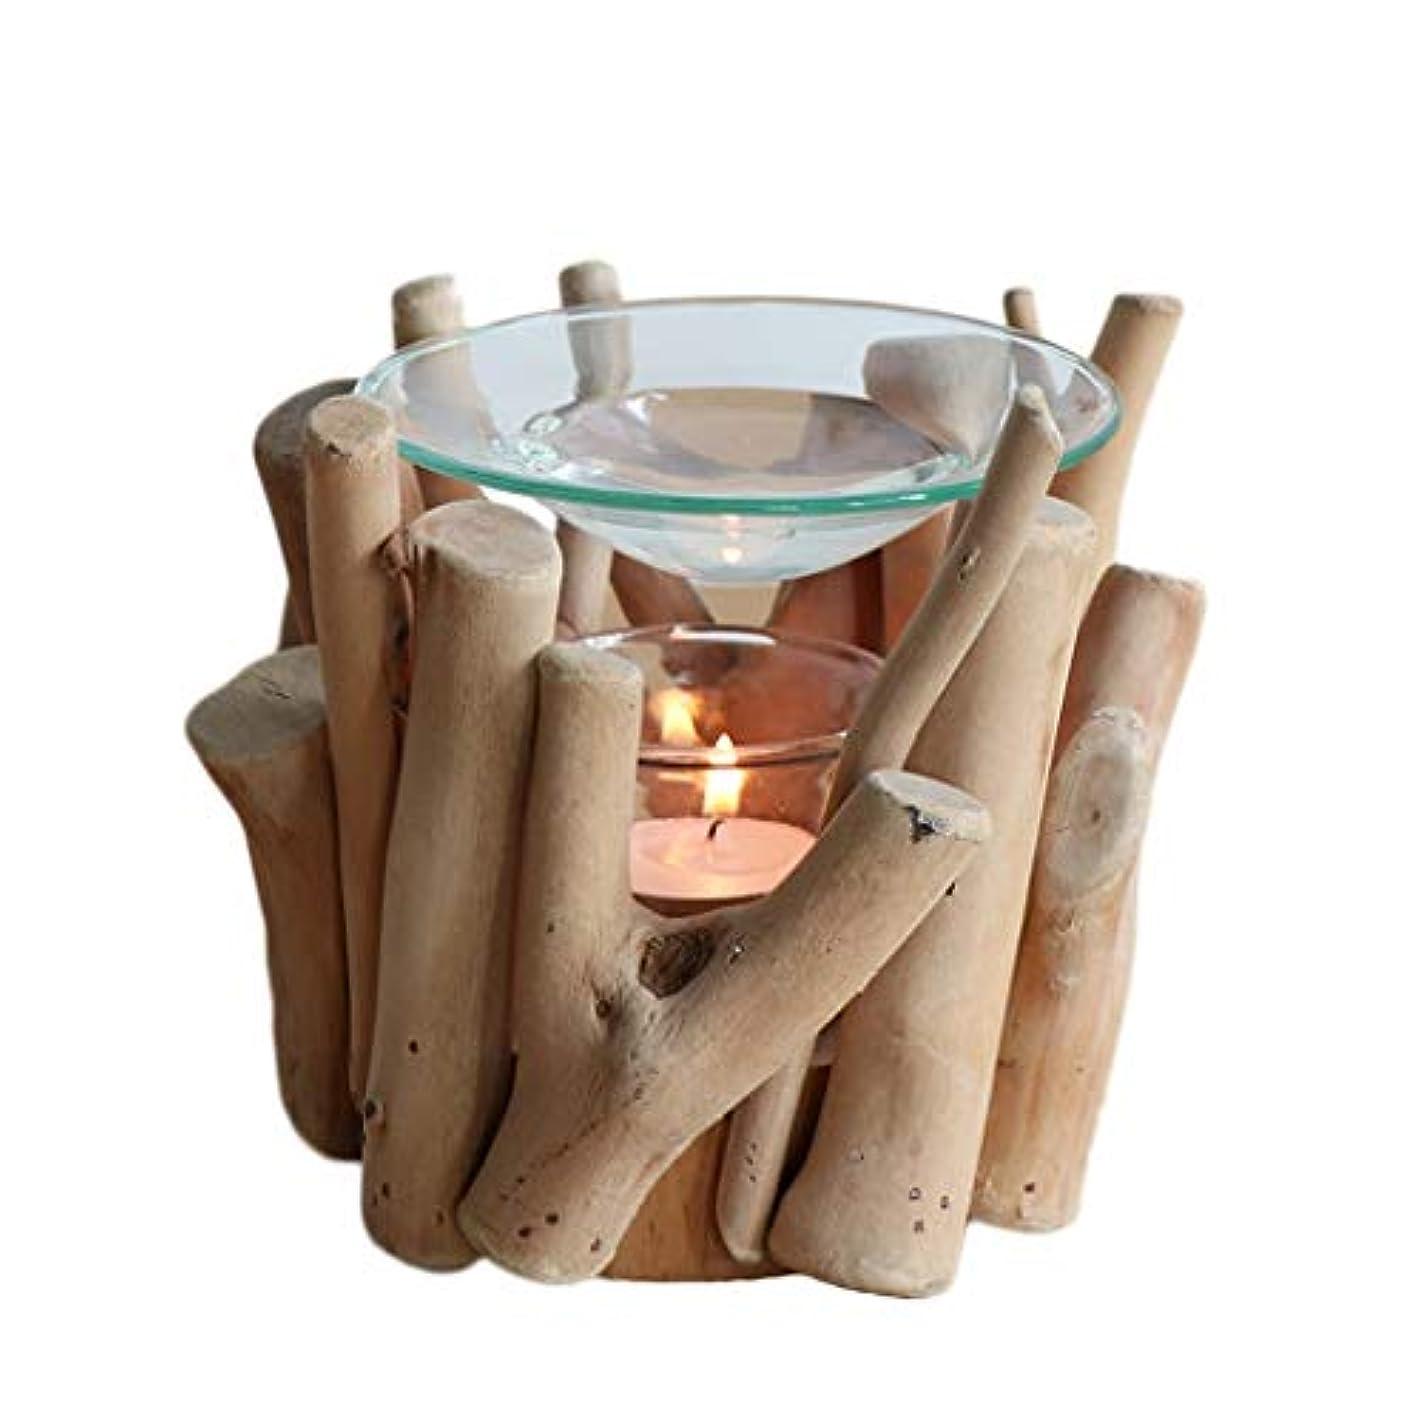 企業忘れる花家庭用木材香ホルダーエッセンシャルオイルアロマ燭台香バーナー寝室アロマセラピー炉香バーナーホルダー (Color : A)